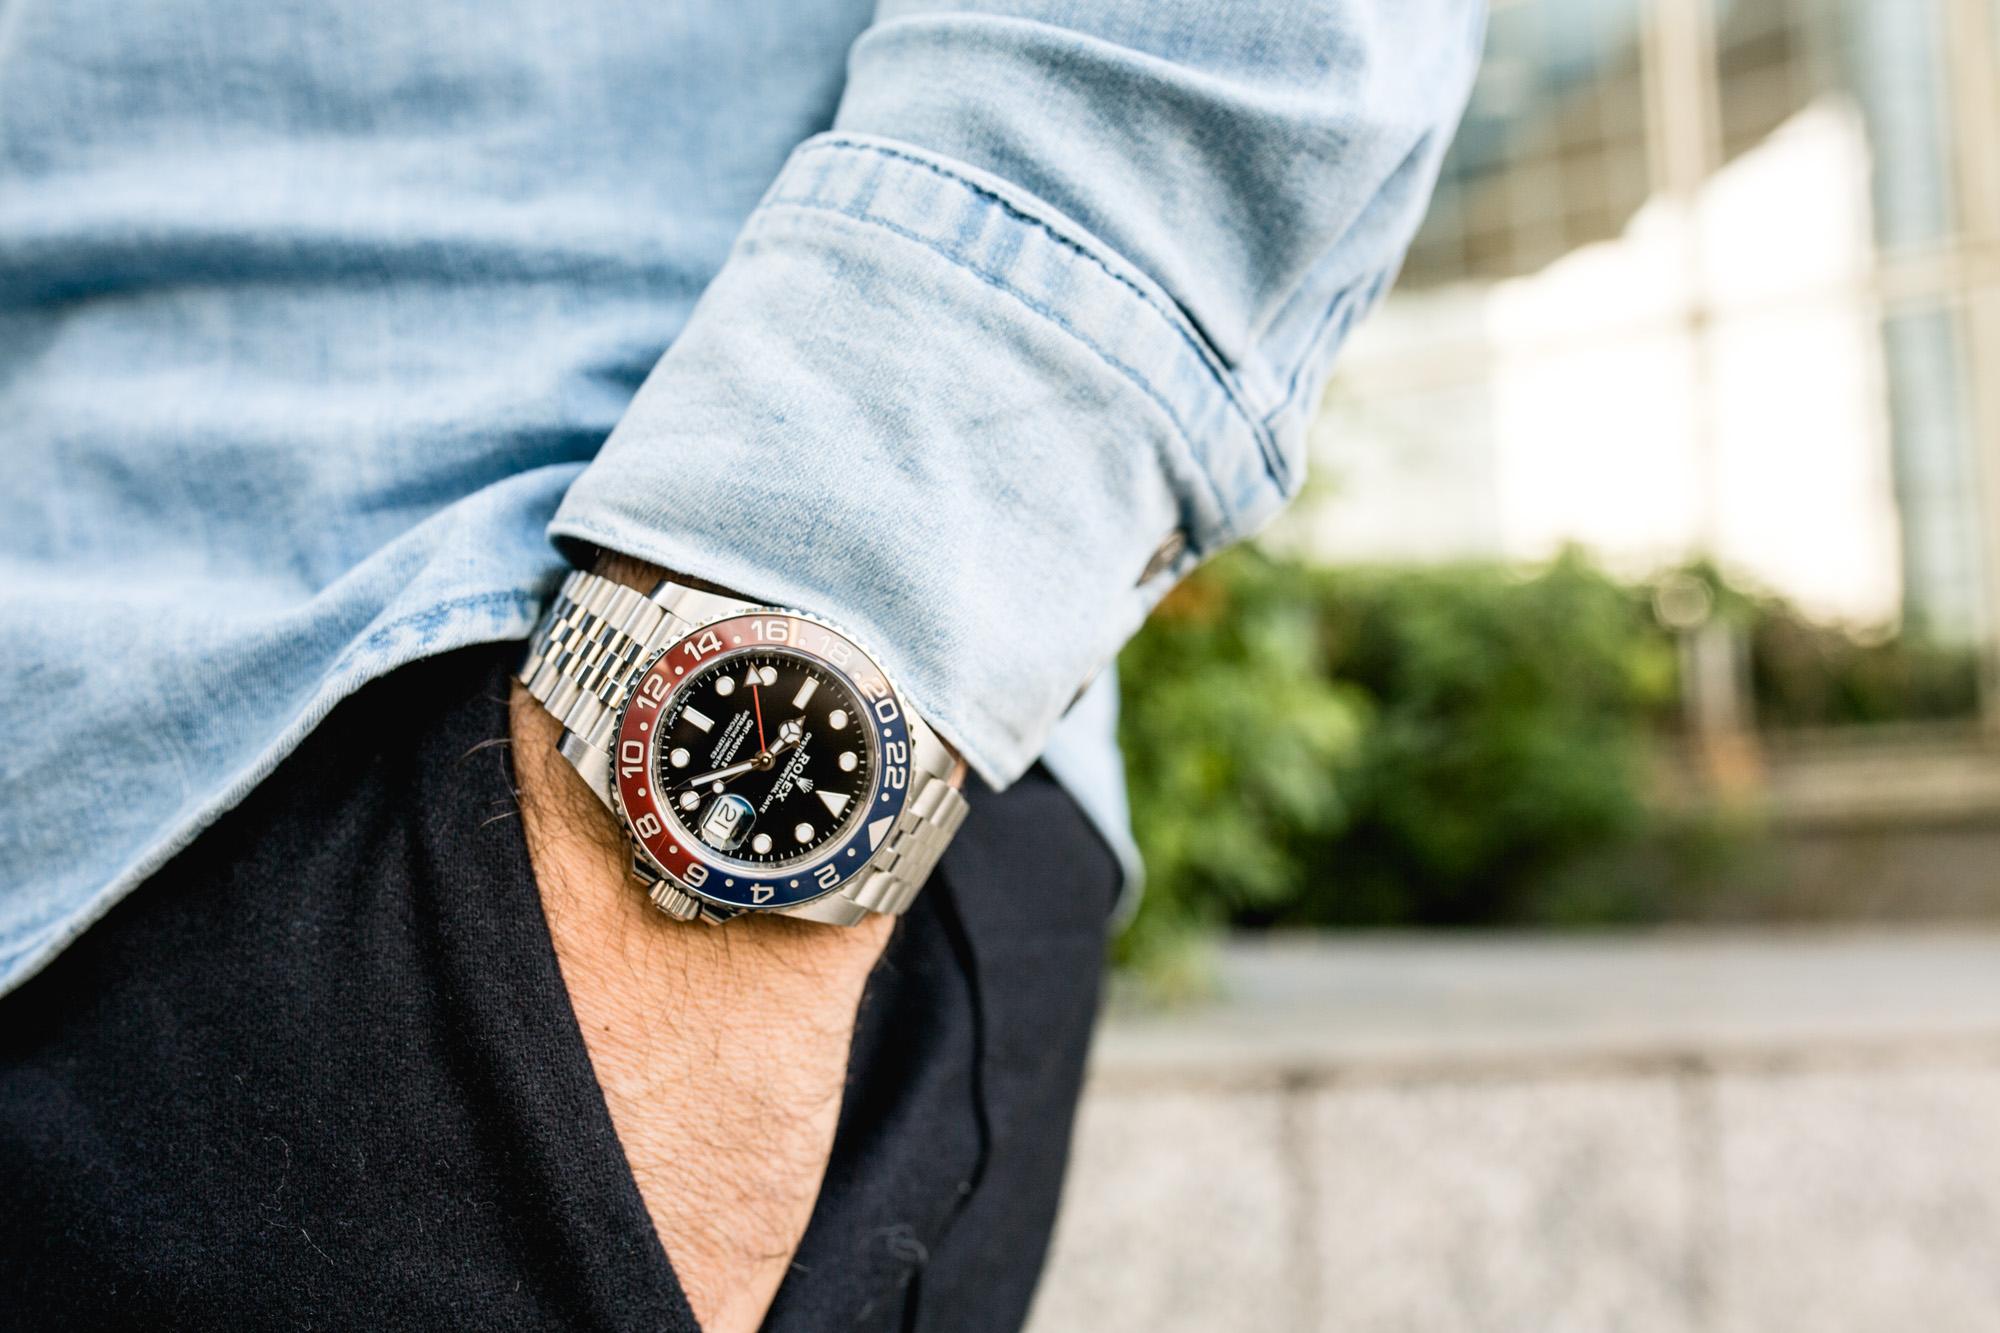 Rolex GMT-Master II Ref 126710BLRO - Look